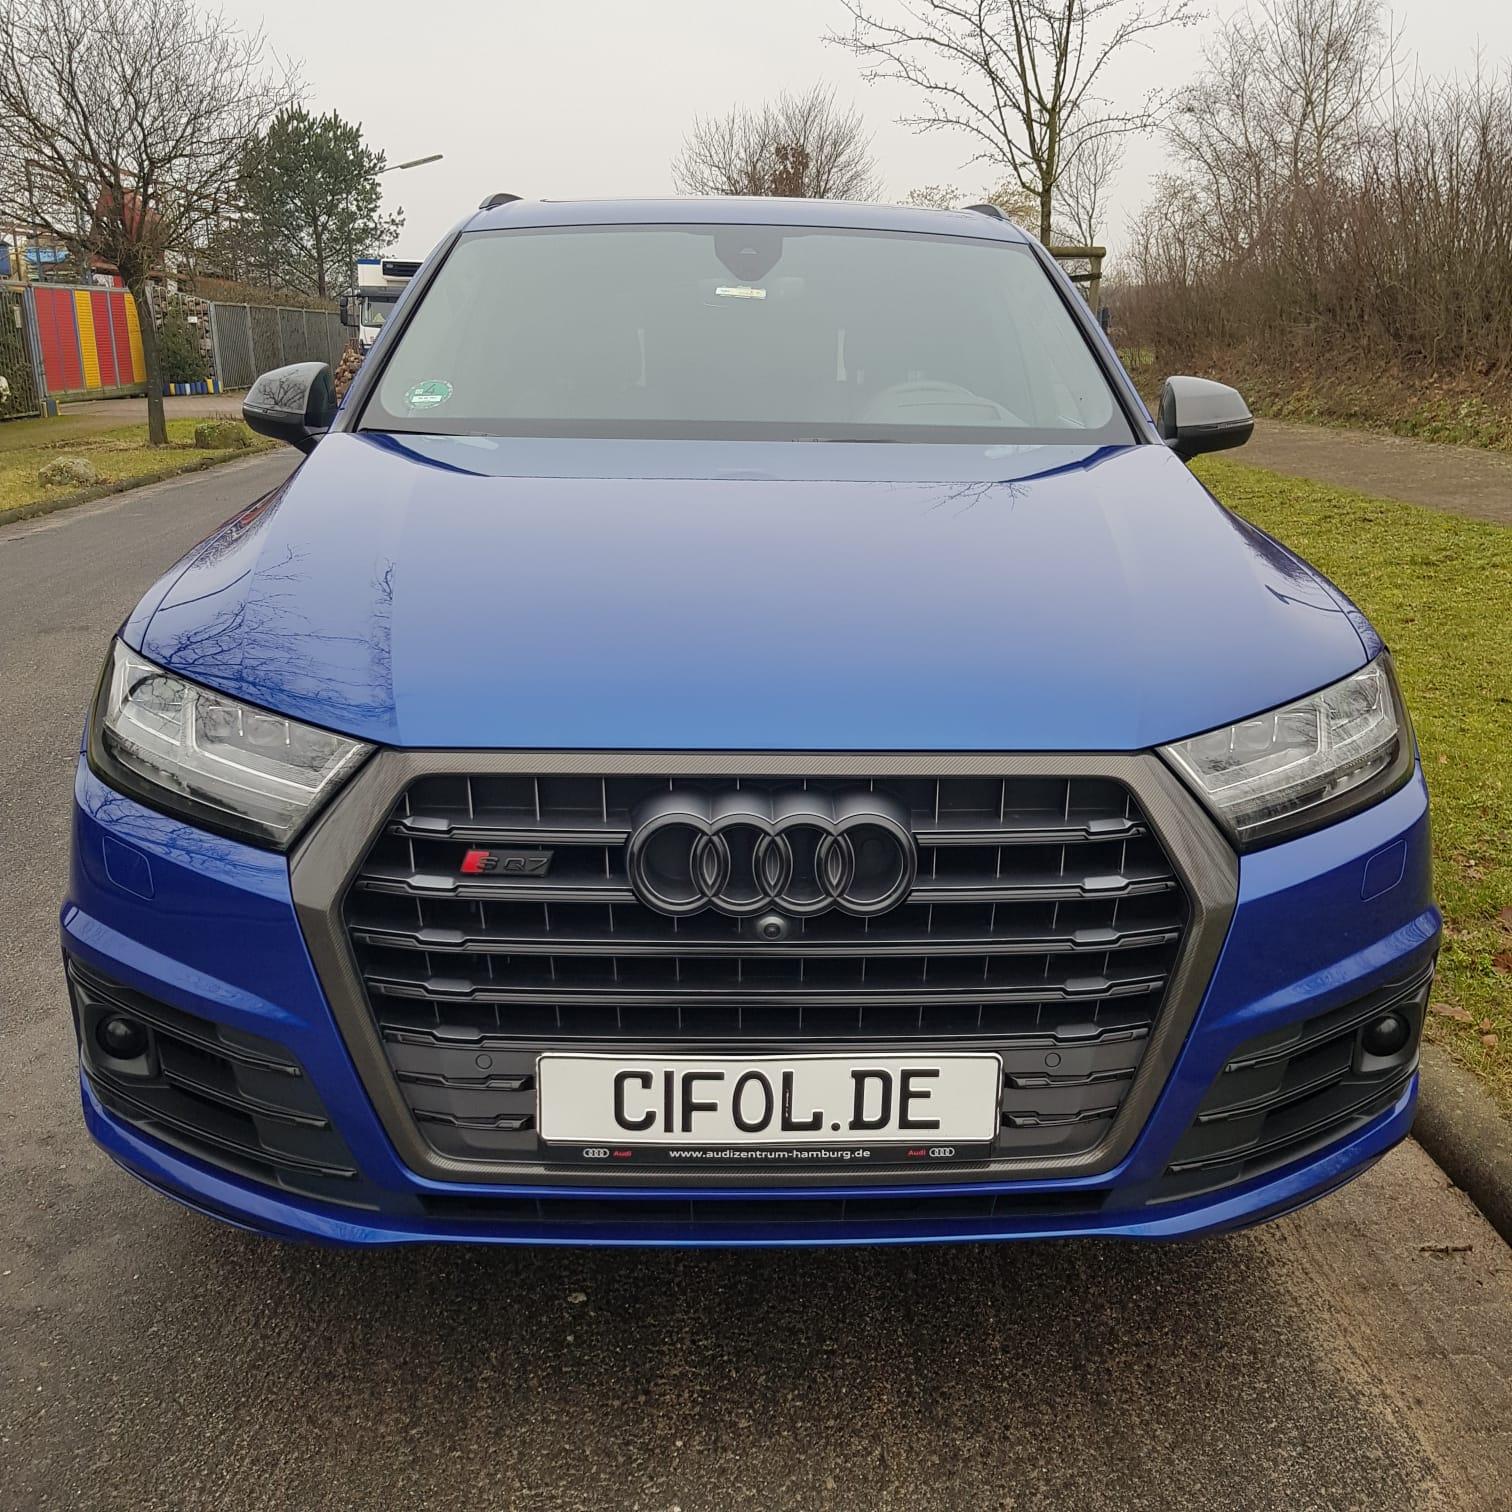 Folierung der Chromteile eines Audi SQ7